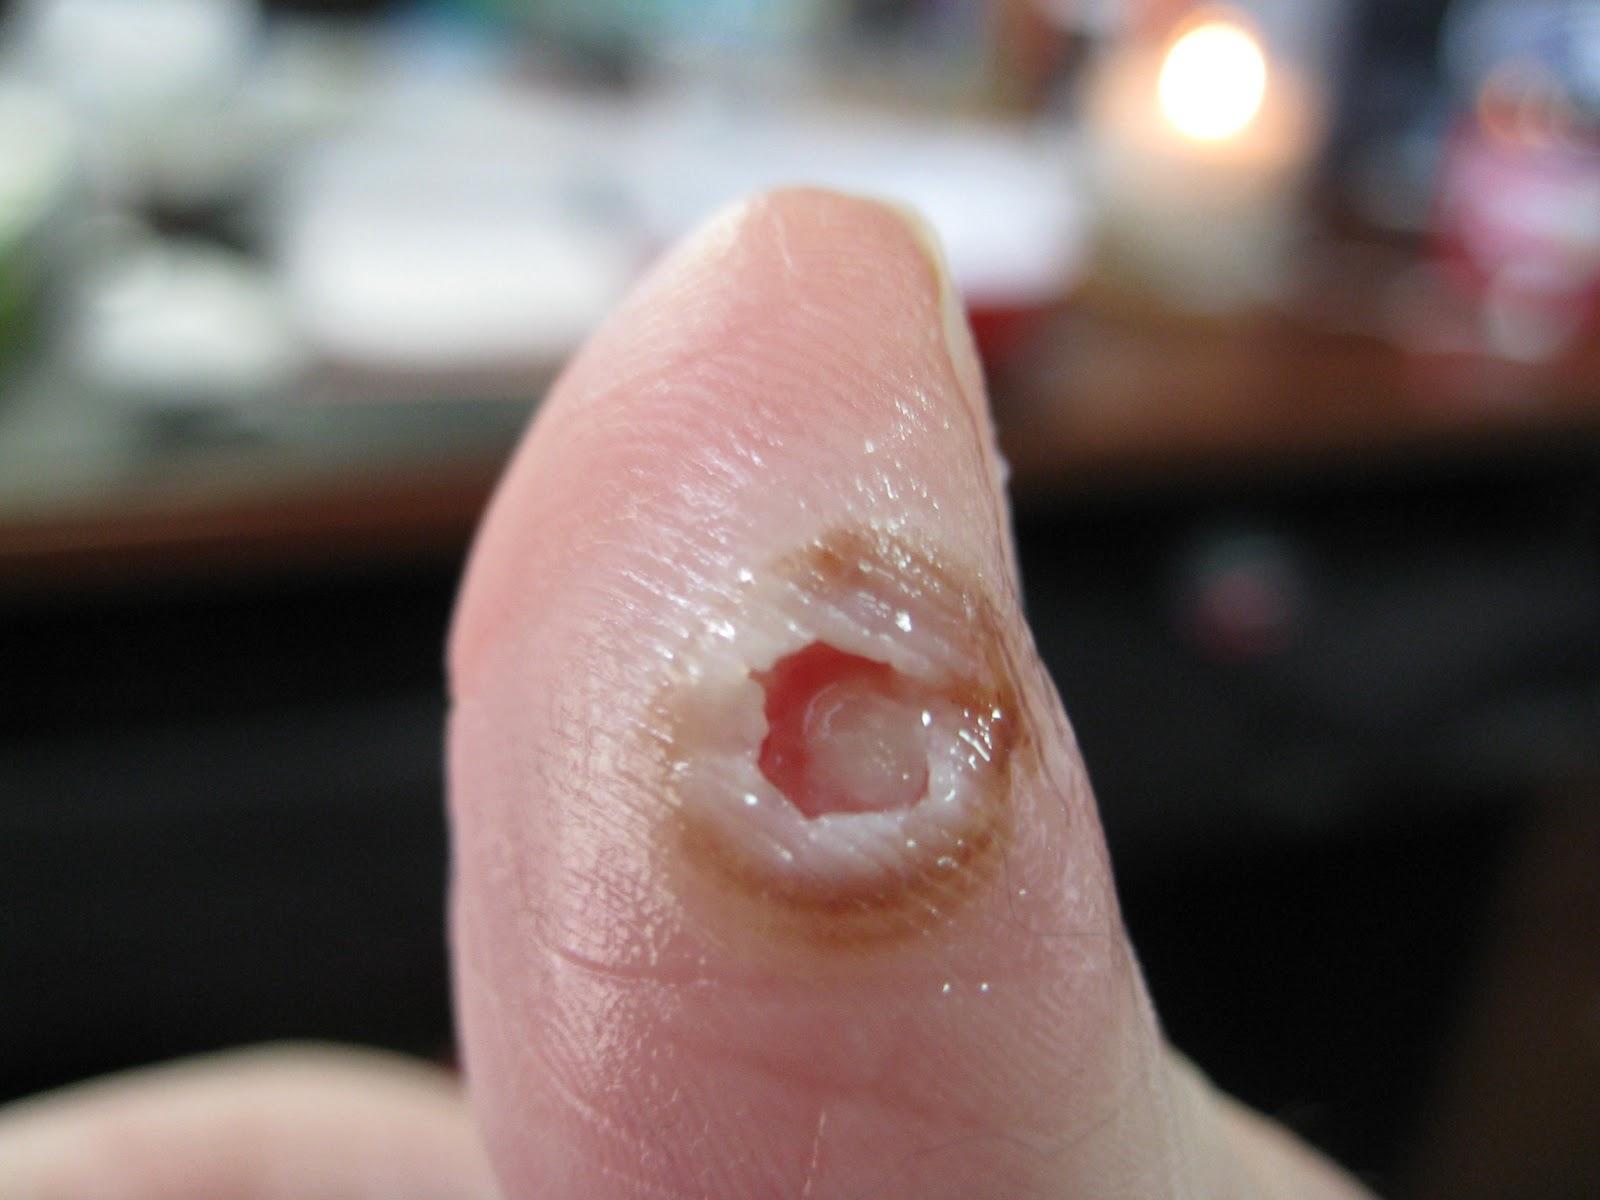 infektion i tummen